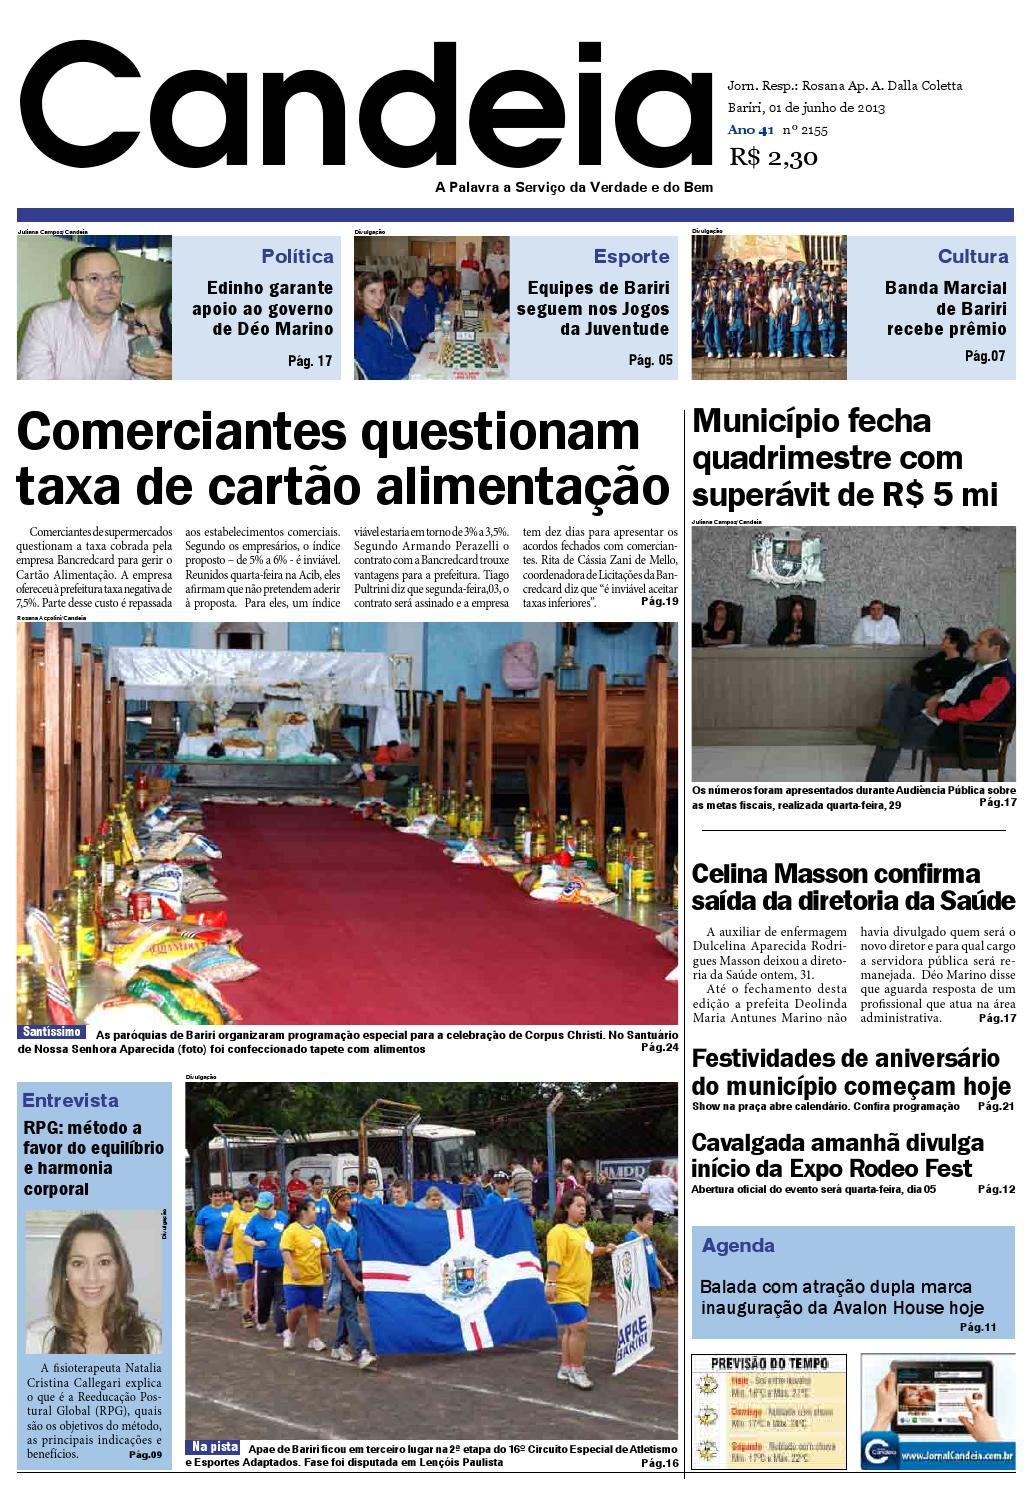 1bec1f4033 Candeia 01 06 by Jornal Candeia - issuu